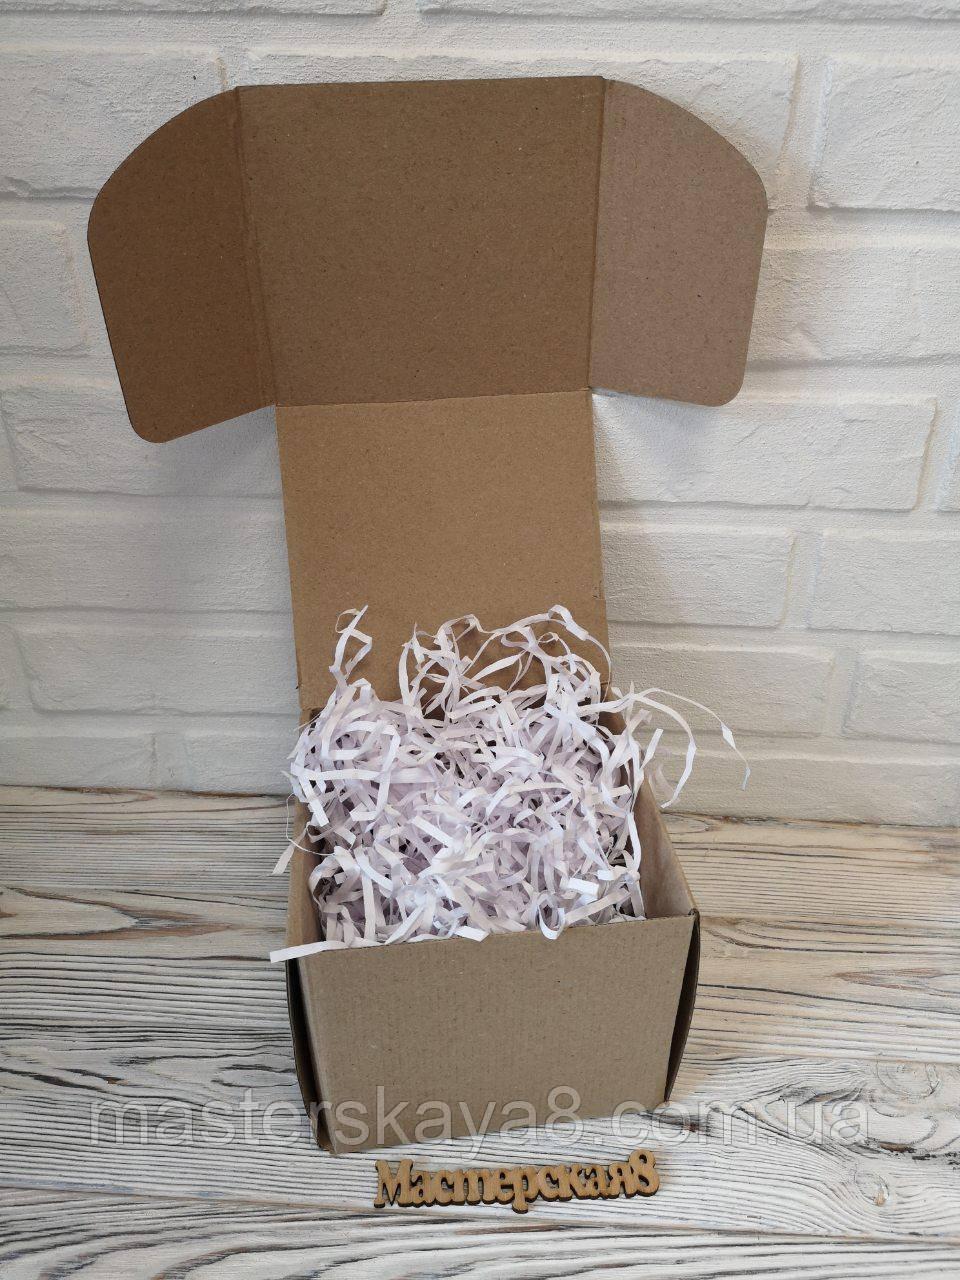 Коробка 150*150*140 мм крафт для подарка с белым наполнителем , для сувенира, для мыла, косметики